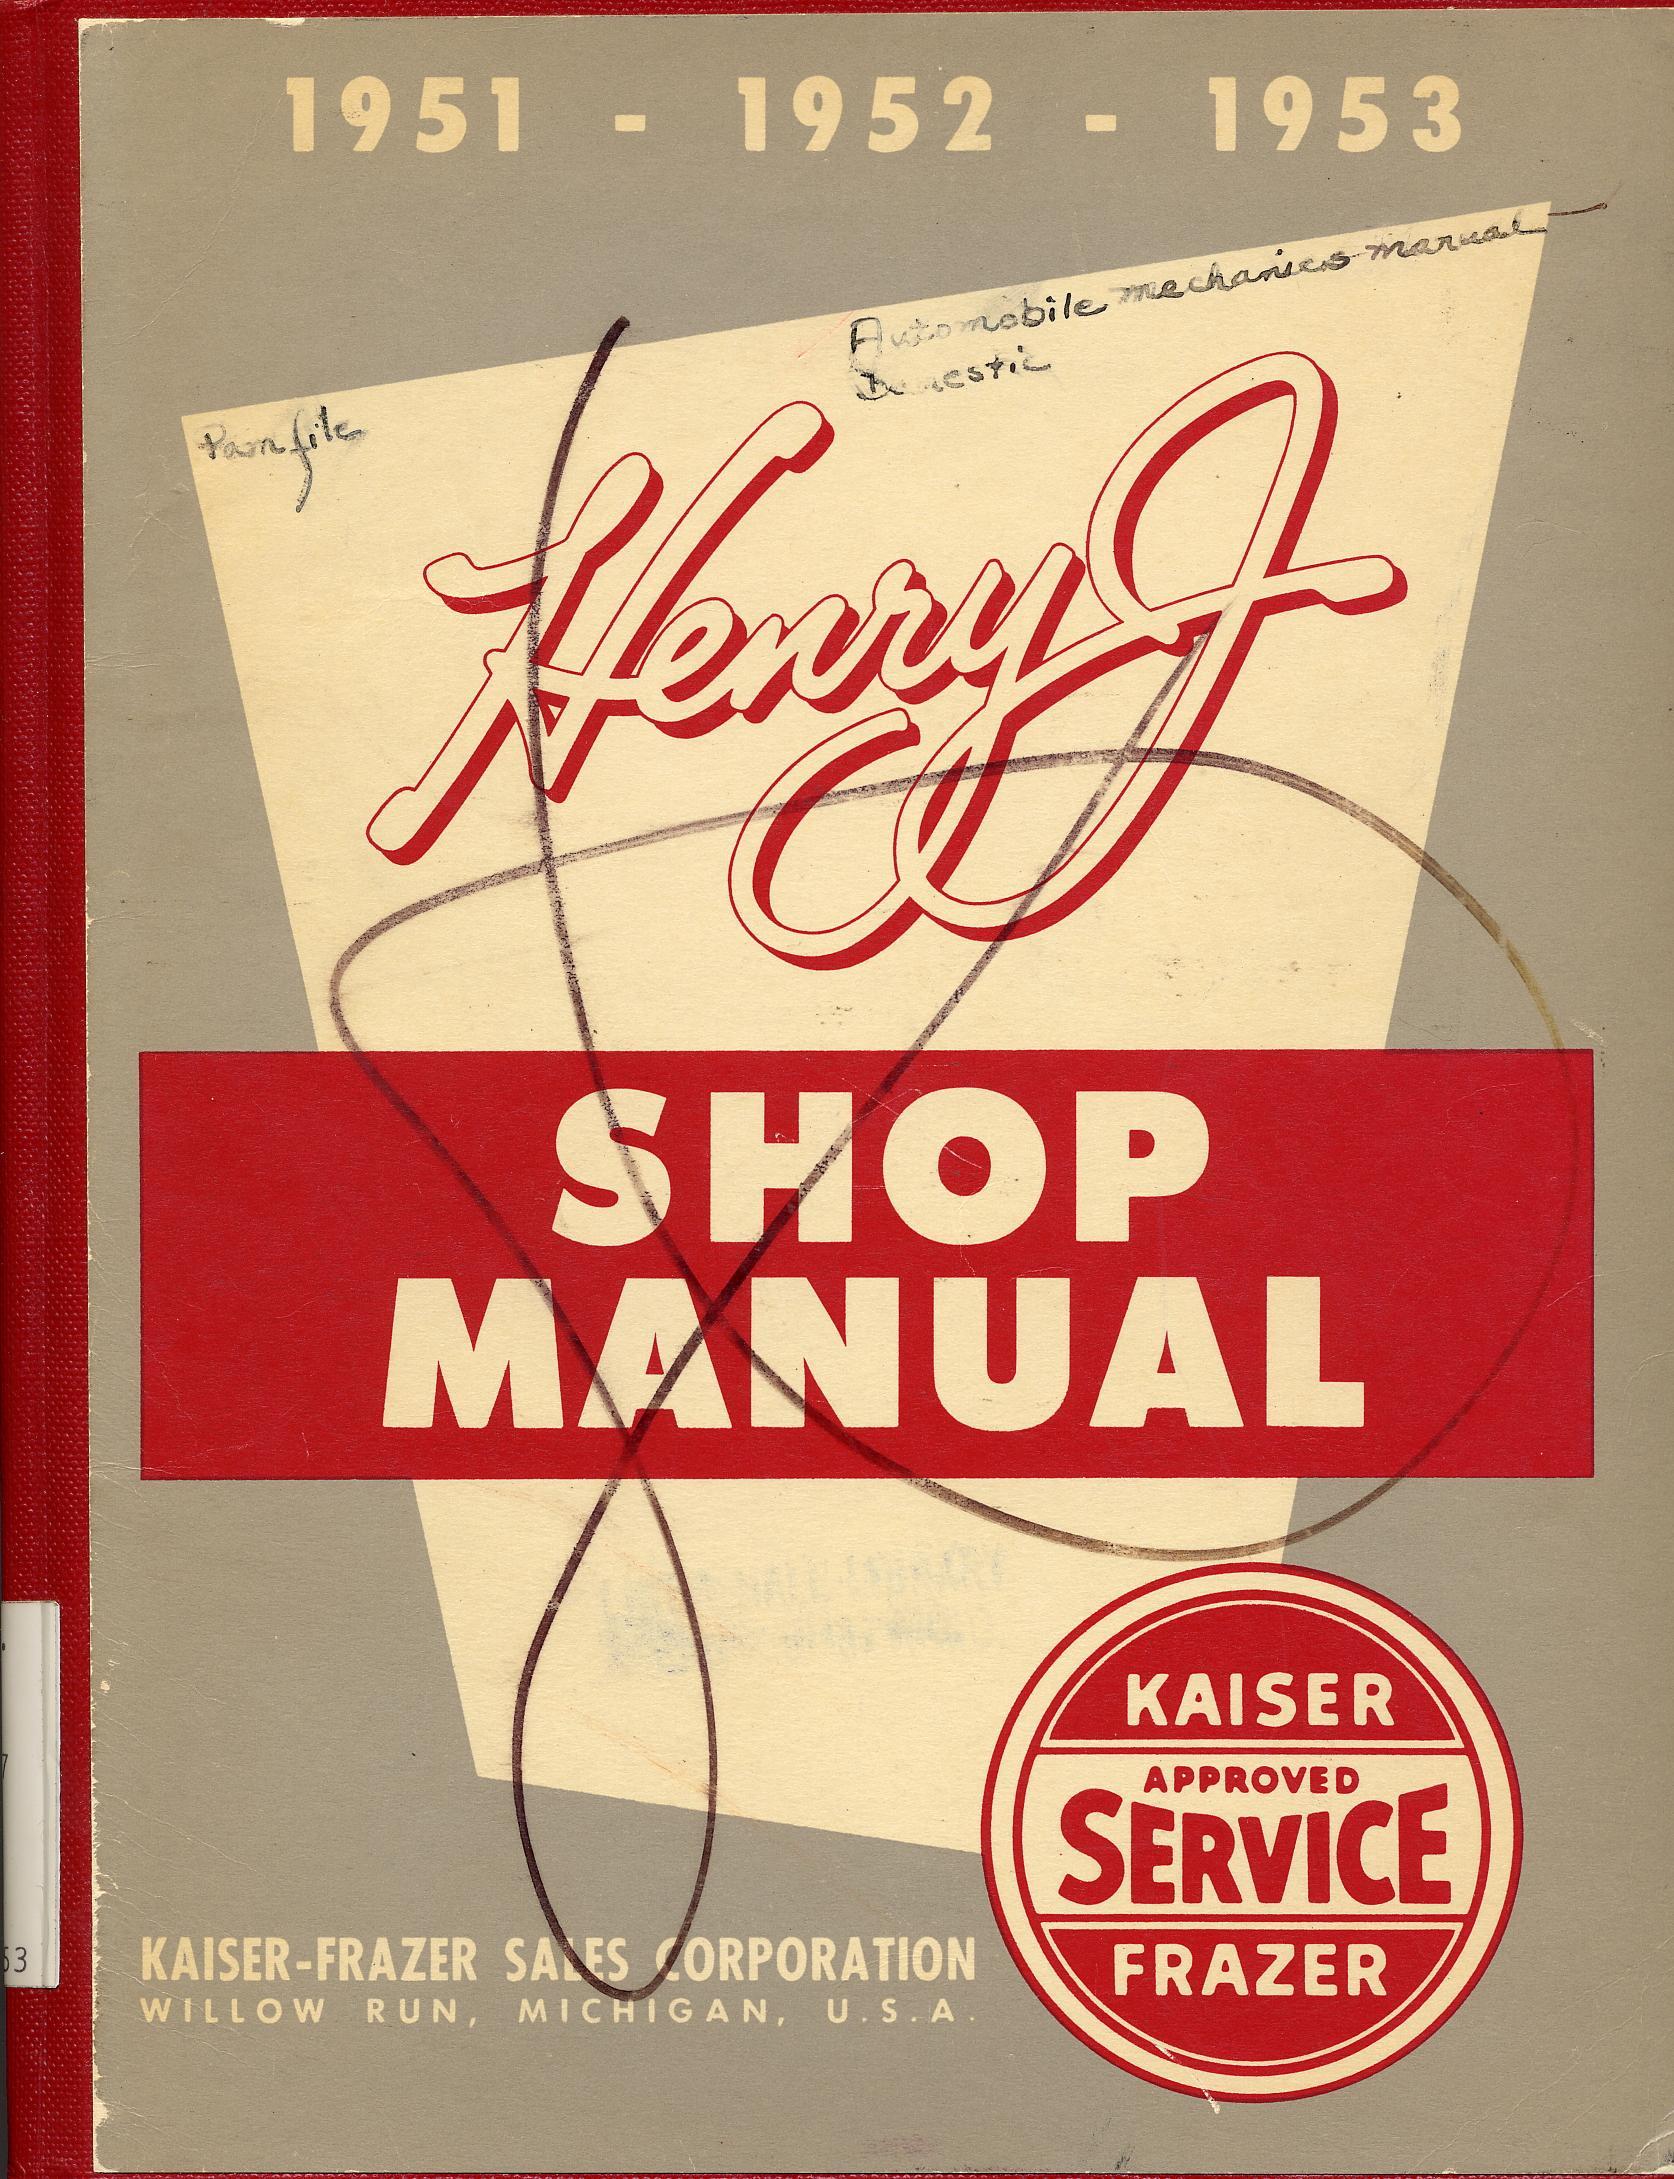 henry j wiring diagram schematic wiring diagrams kfsm580 1951 henry j shop manual ac wiring diagram henry j wiring diagram